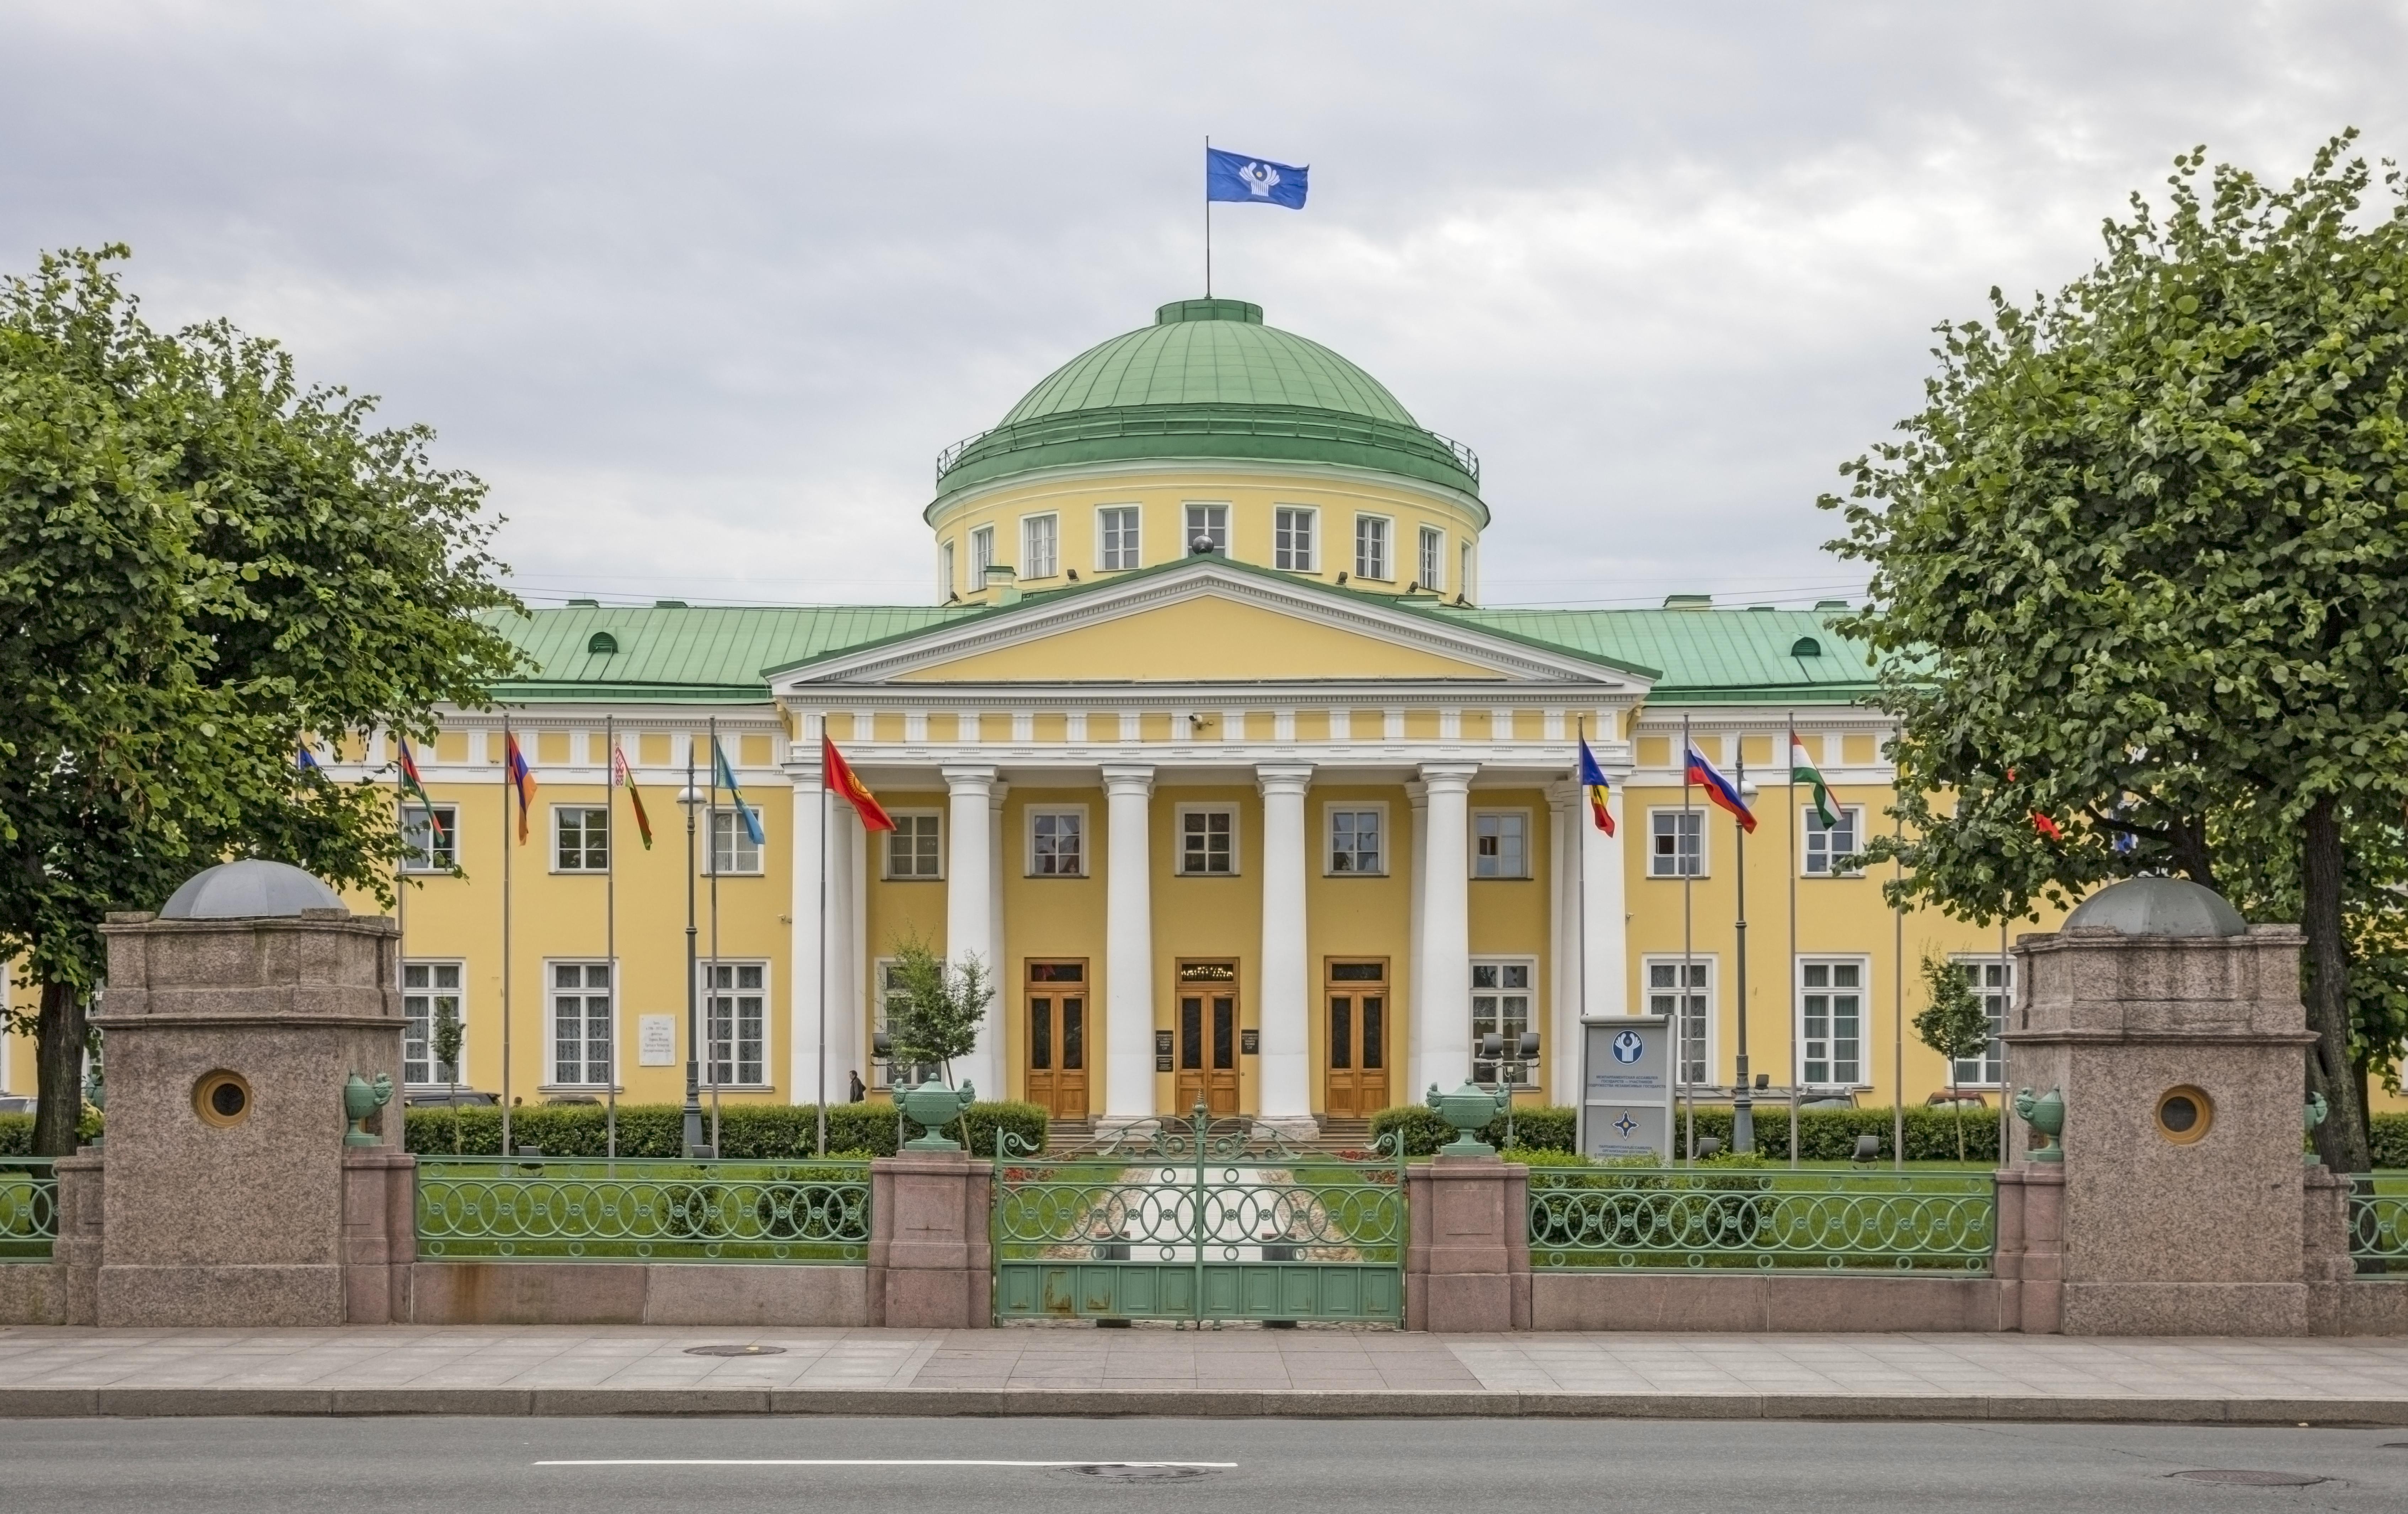 Orangery of the Tauride Garden in St. Petersburg 23